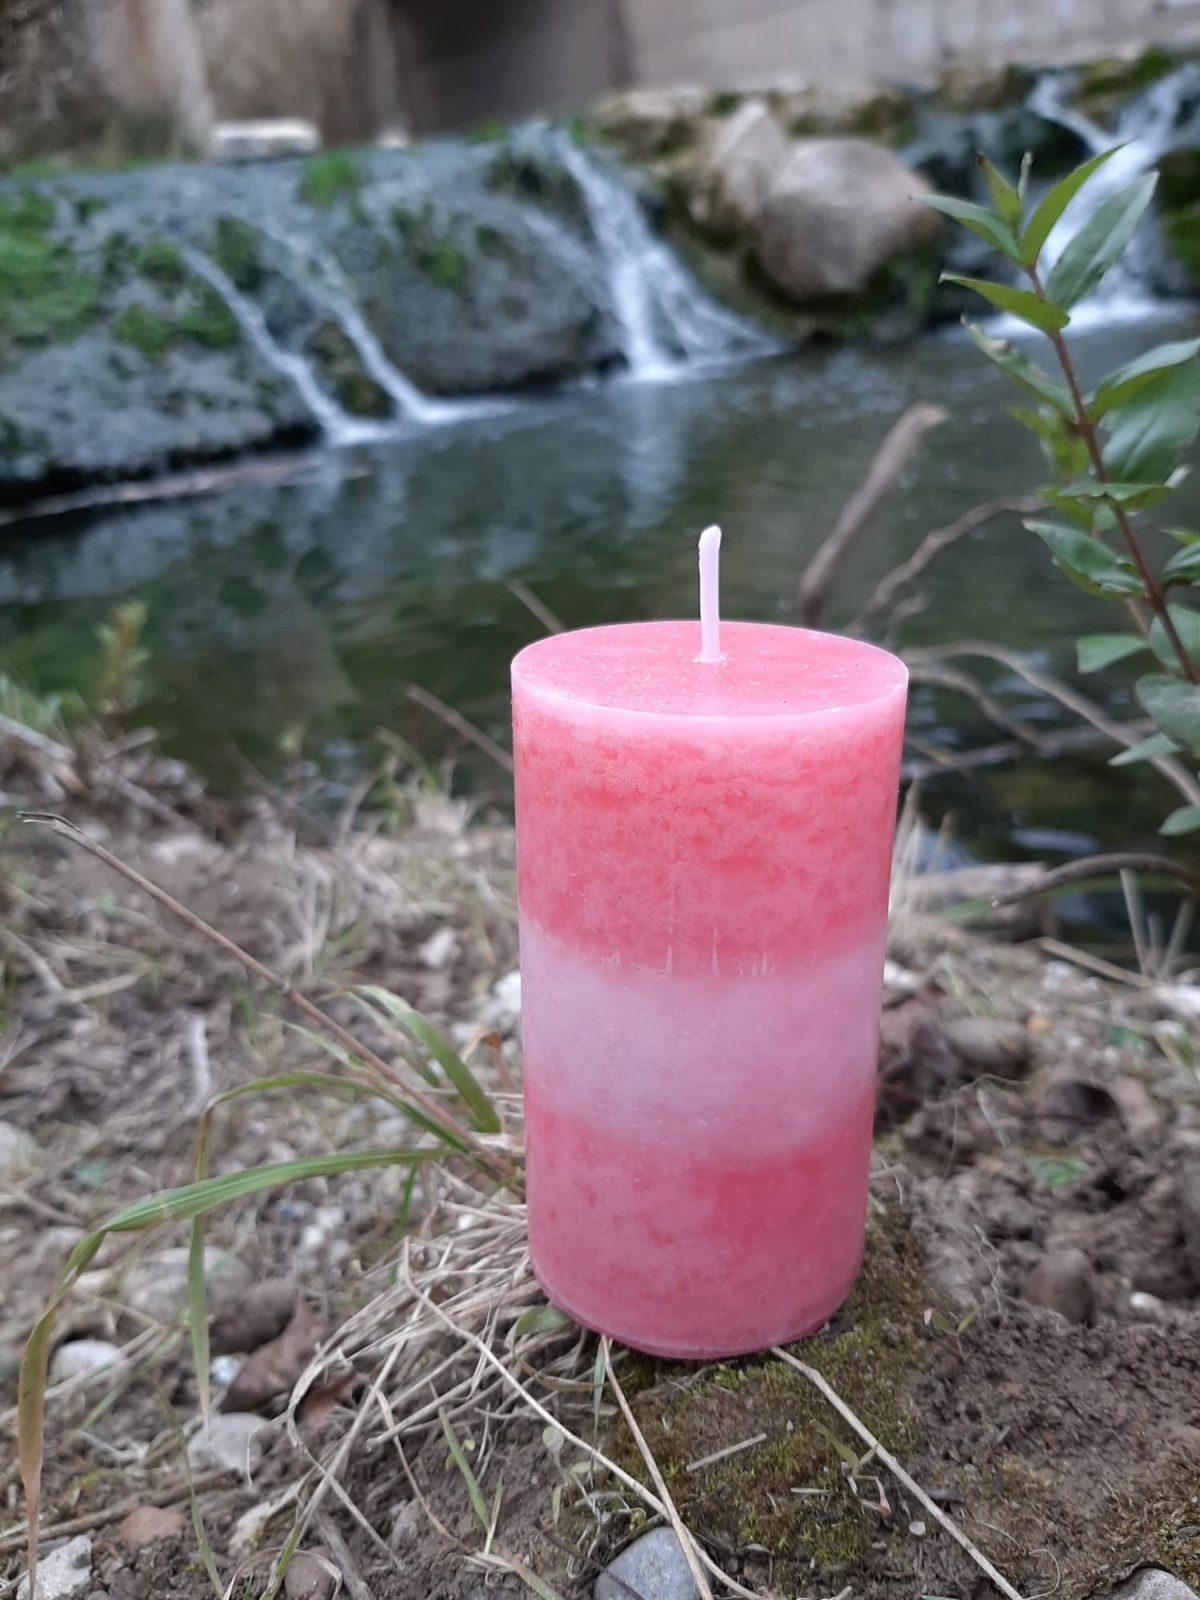 Vela con Aroma Champagne Strawberry Premium